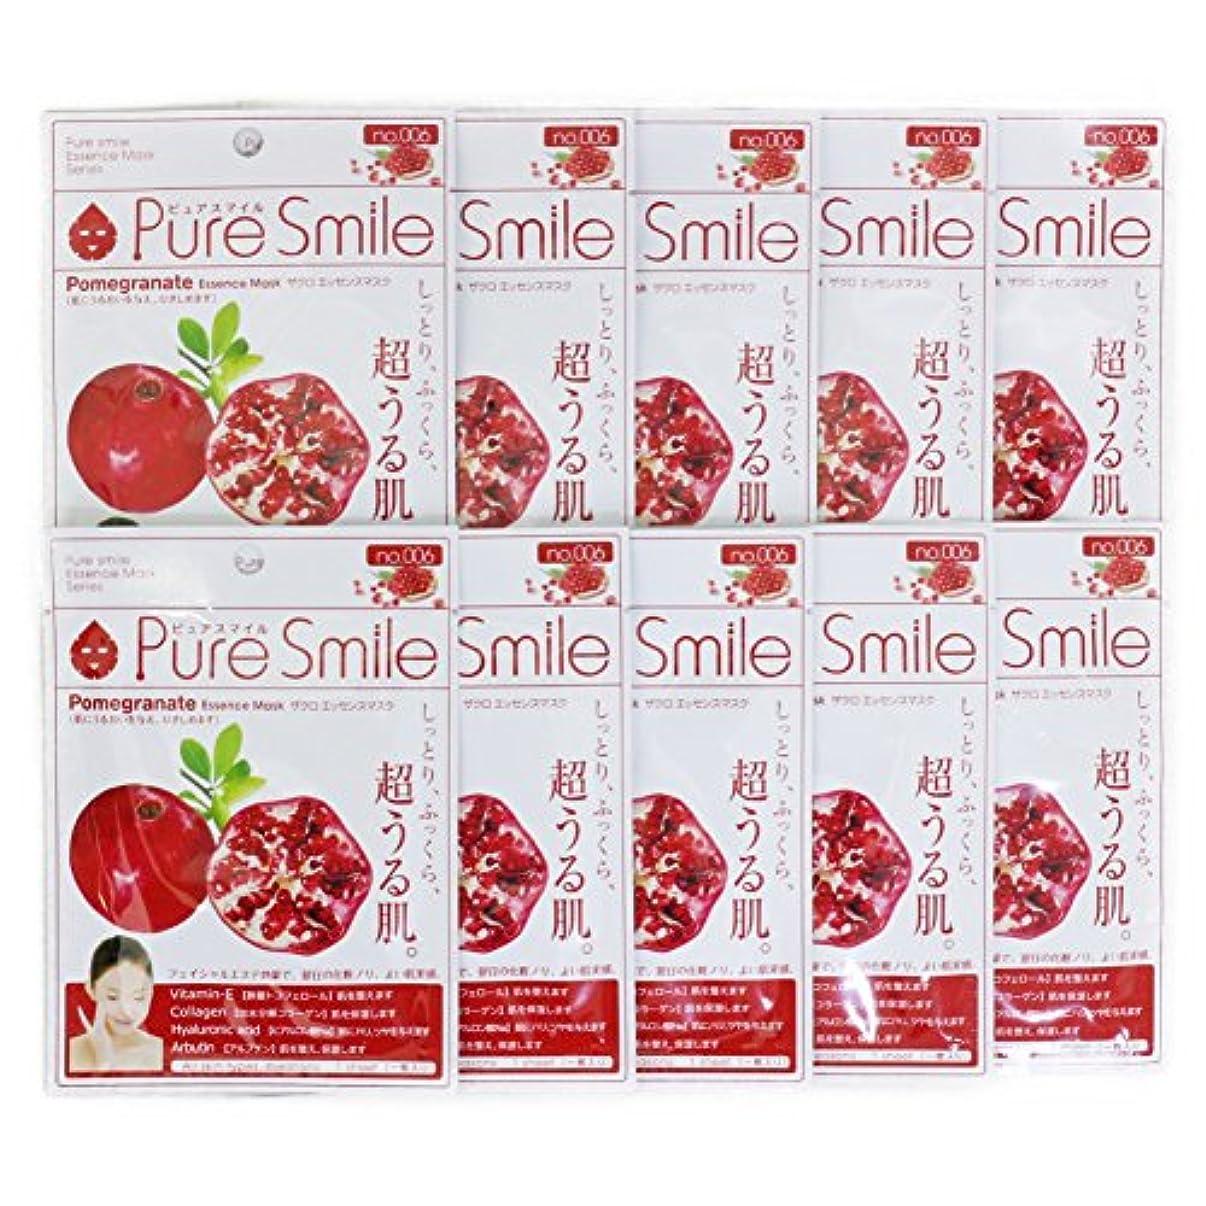 マートファンド無効にするPure Smile ピュアスマイル エッセンスマスク ザクロ 10枚セット